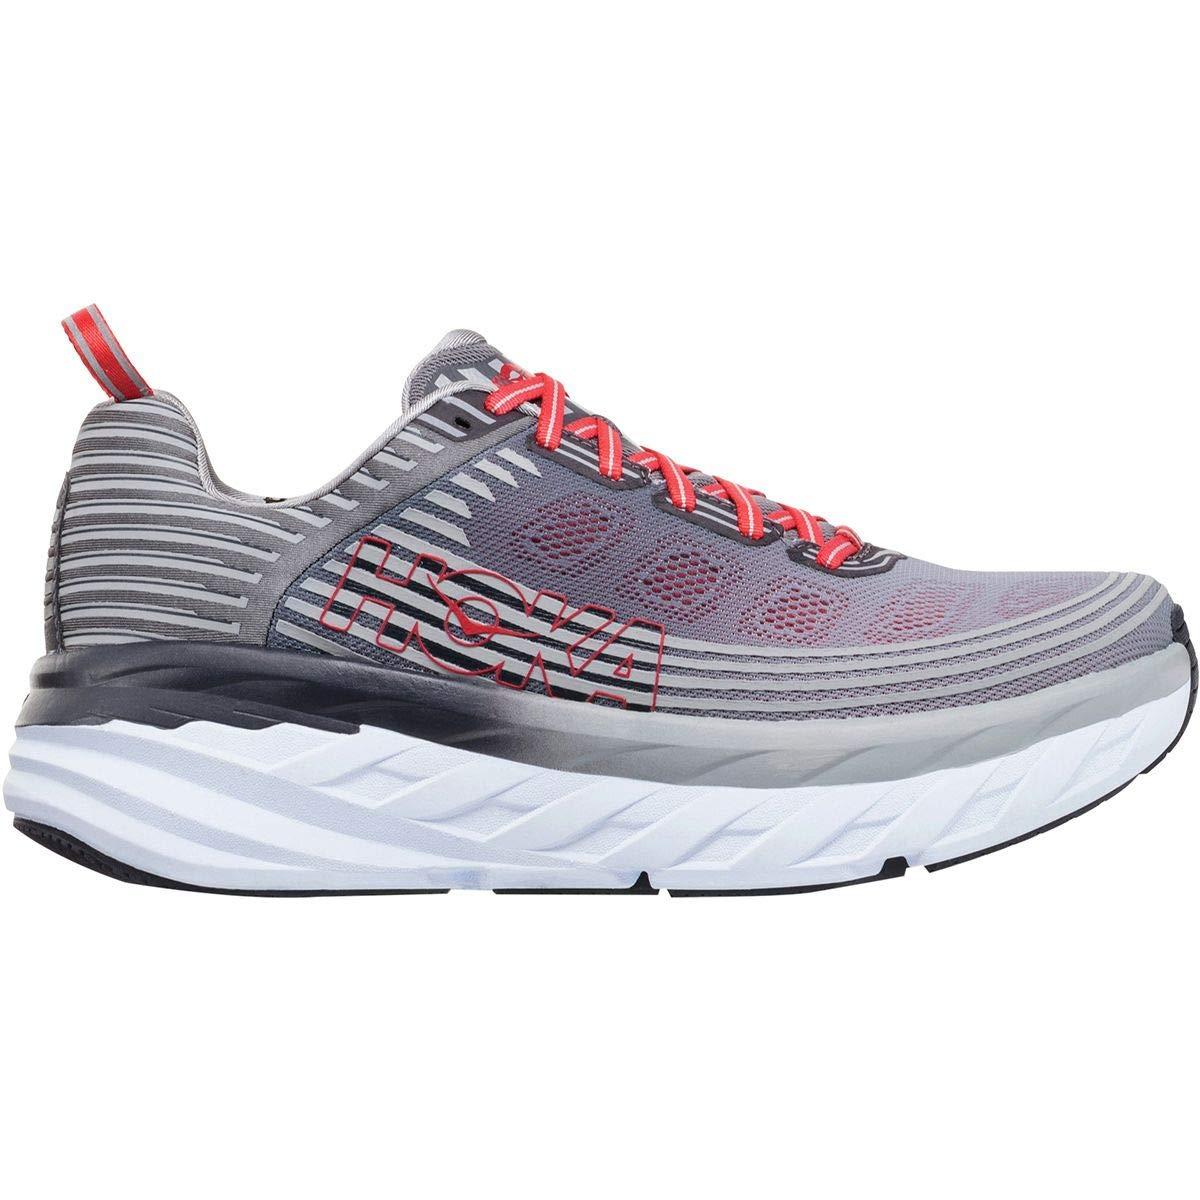 【正規品】 [ホッカオネオネ] メンズ ランニング Bondi 6 Running Shoe - Wide [並行輸入品] B07P2WFBVZ   8.5, 作業服安全靴のサンワークEXP 5ca6c194